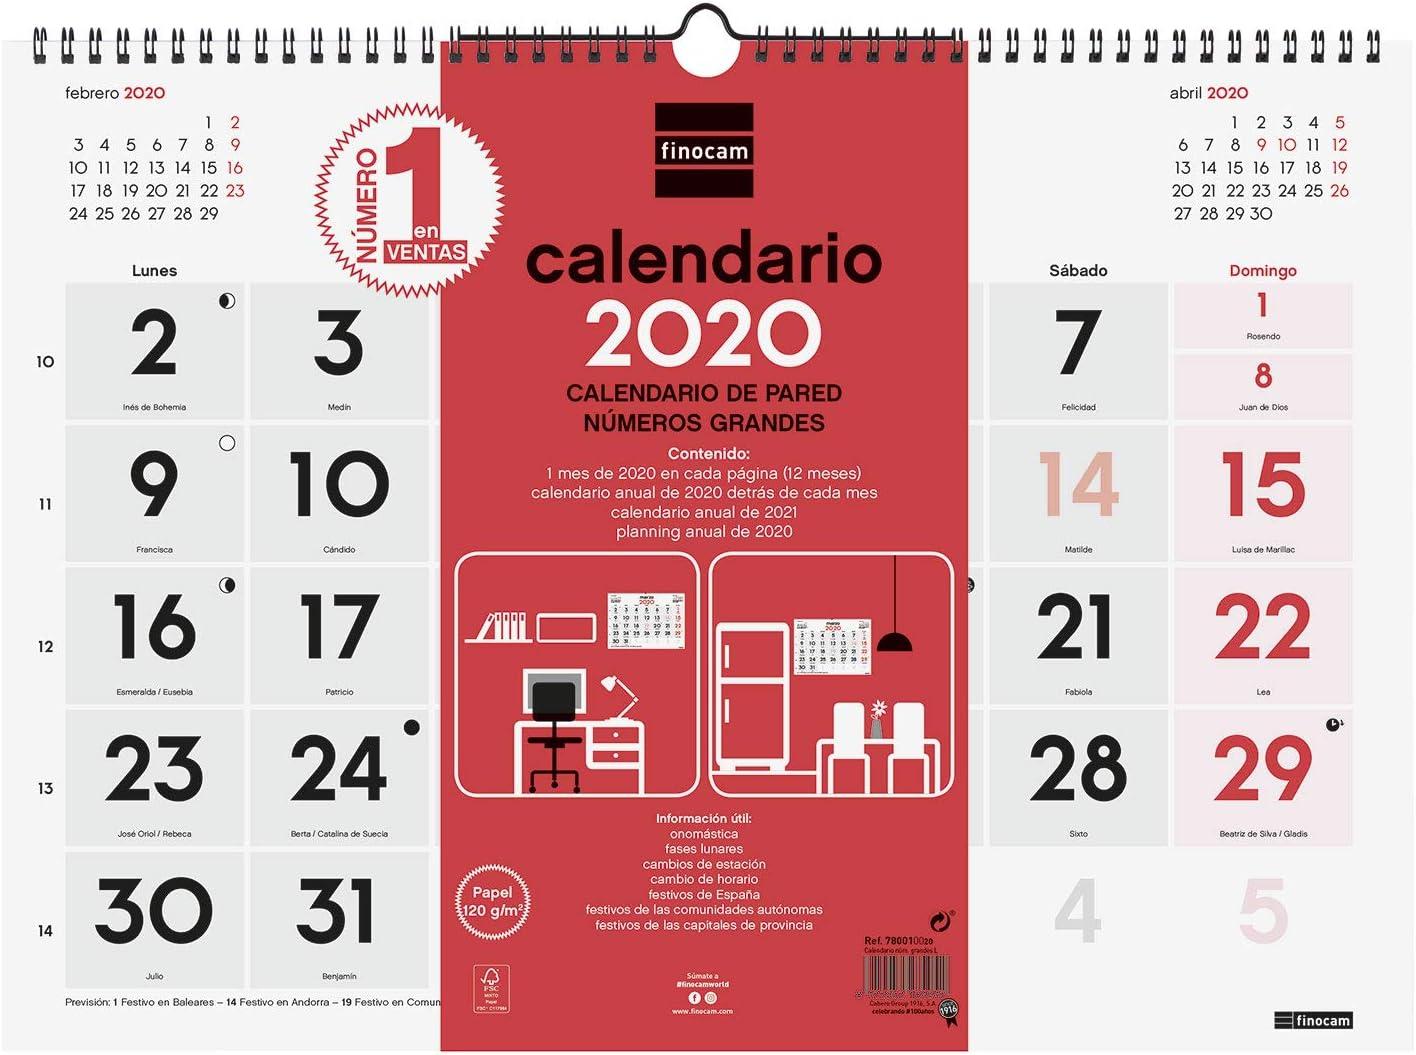 Finocam - Calendario de pared 2020 Números Grandes español